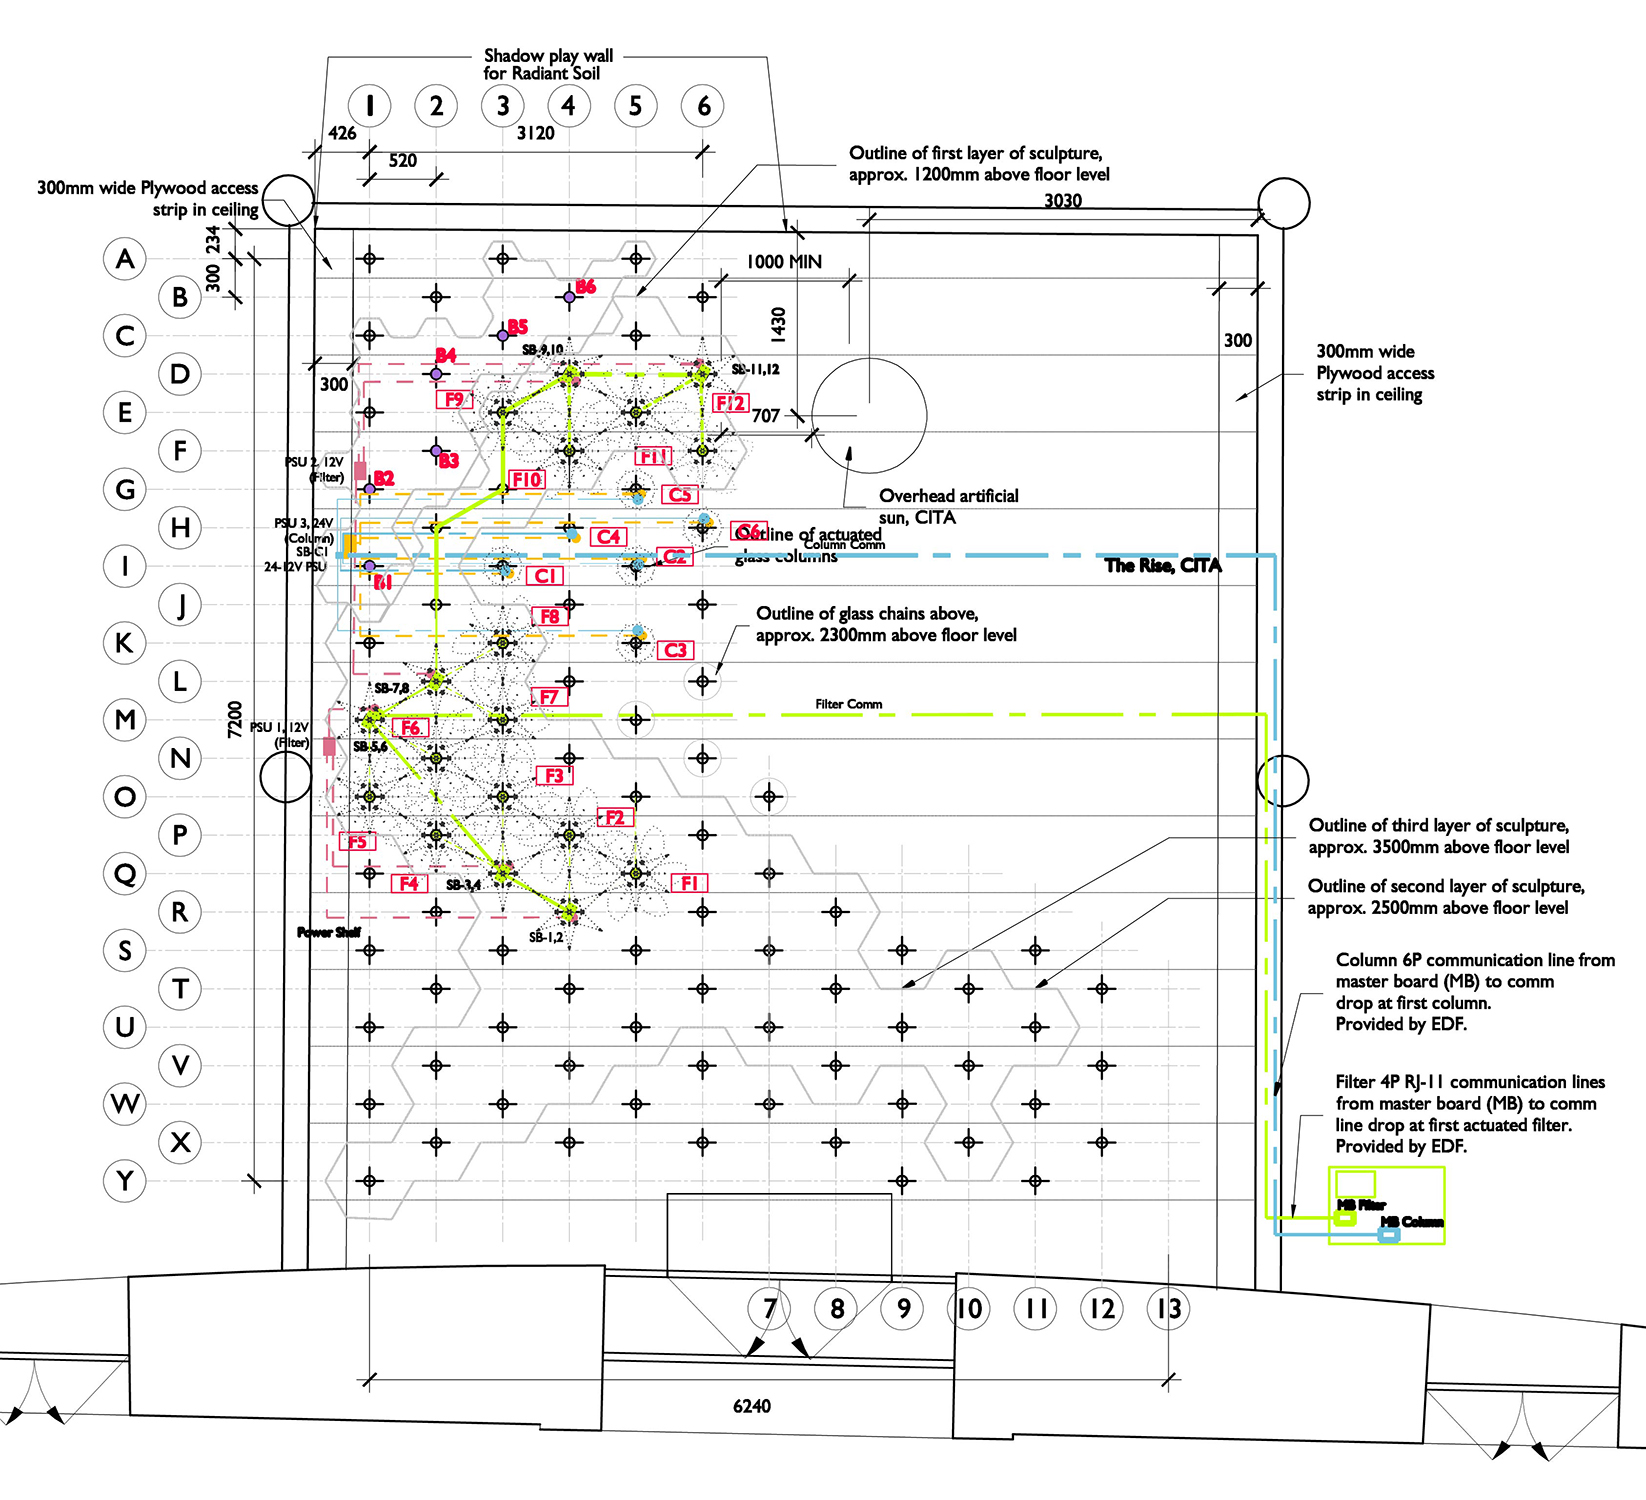 13D03 - 1218 -E1 Power & Comm sq.jpg